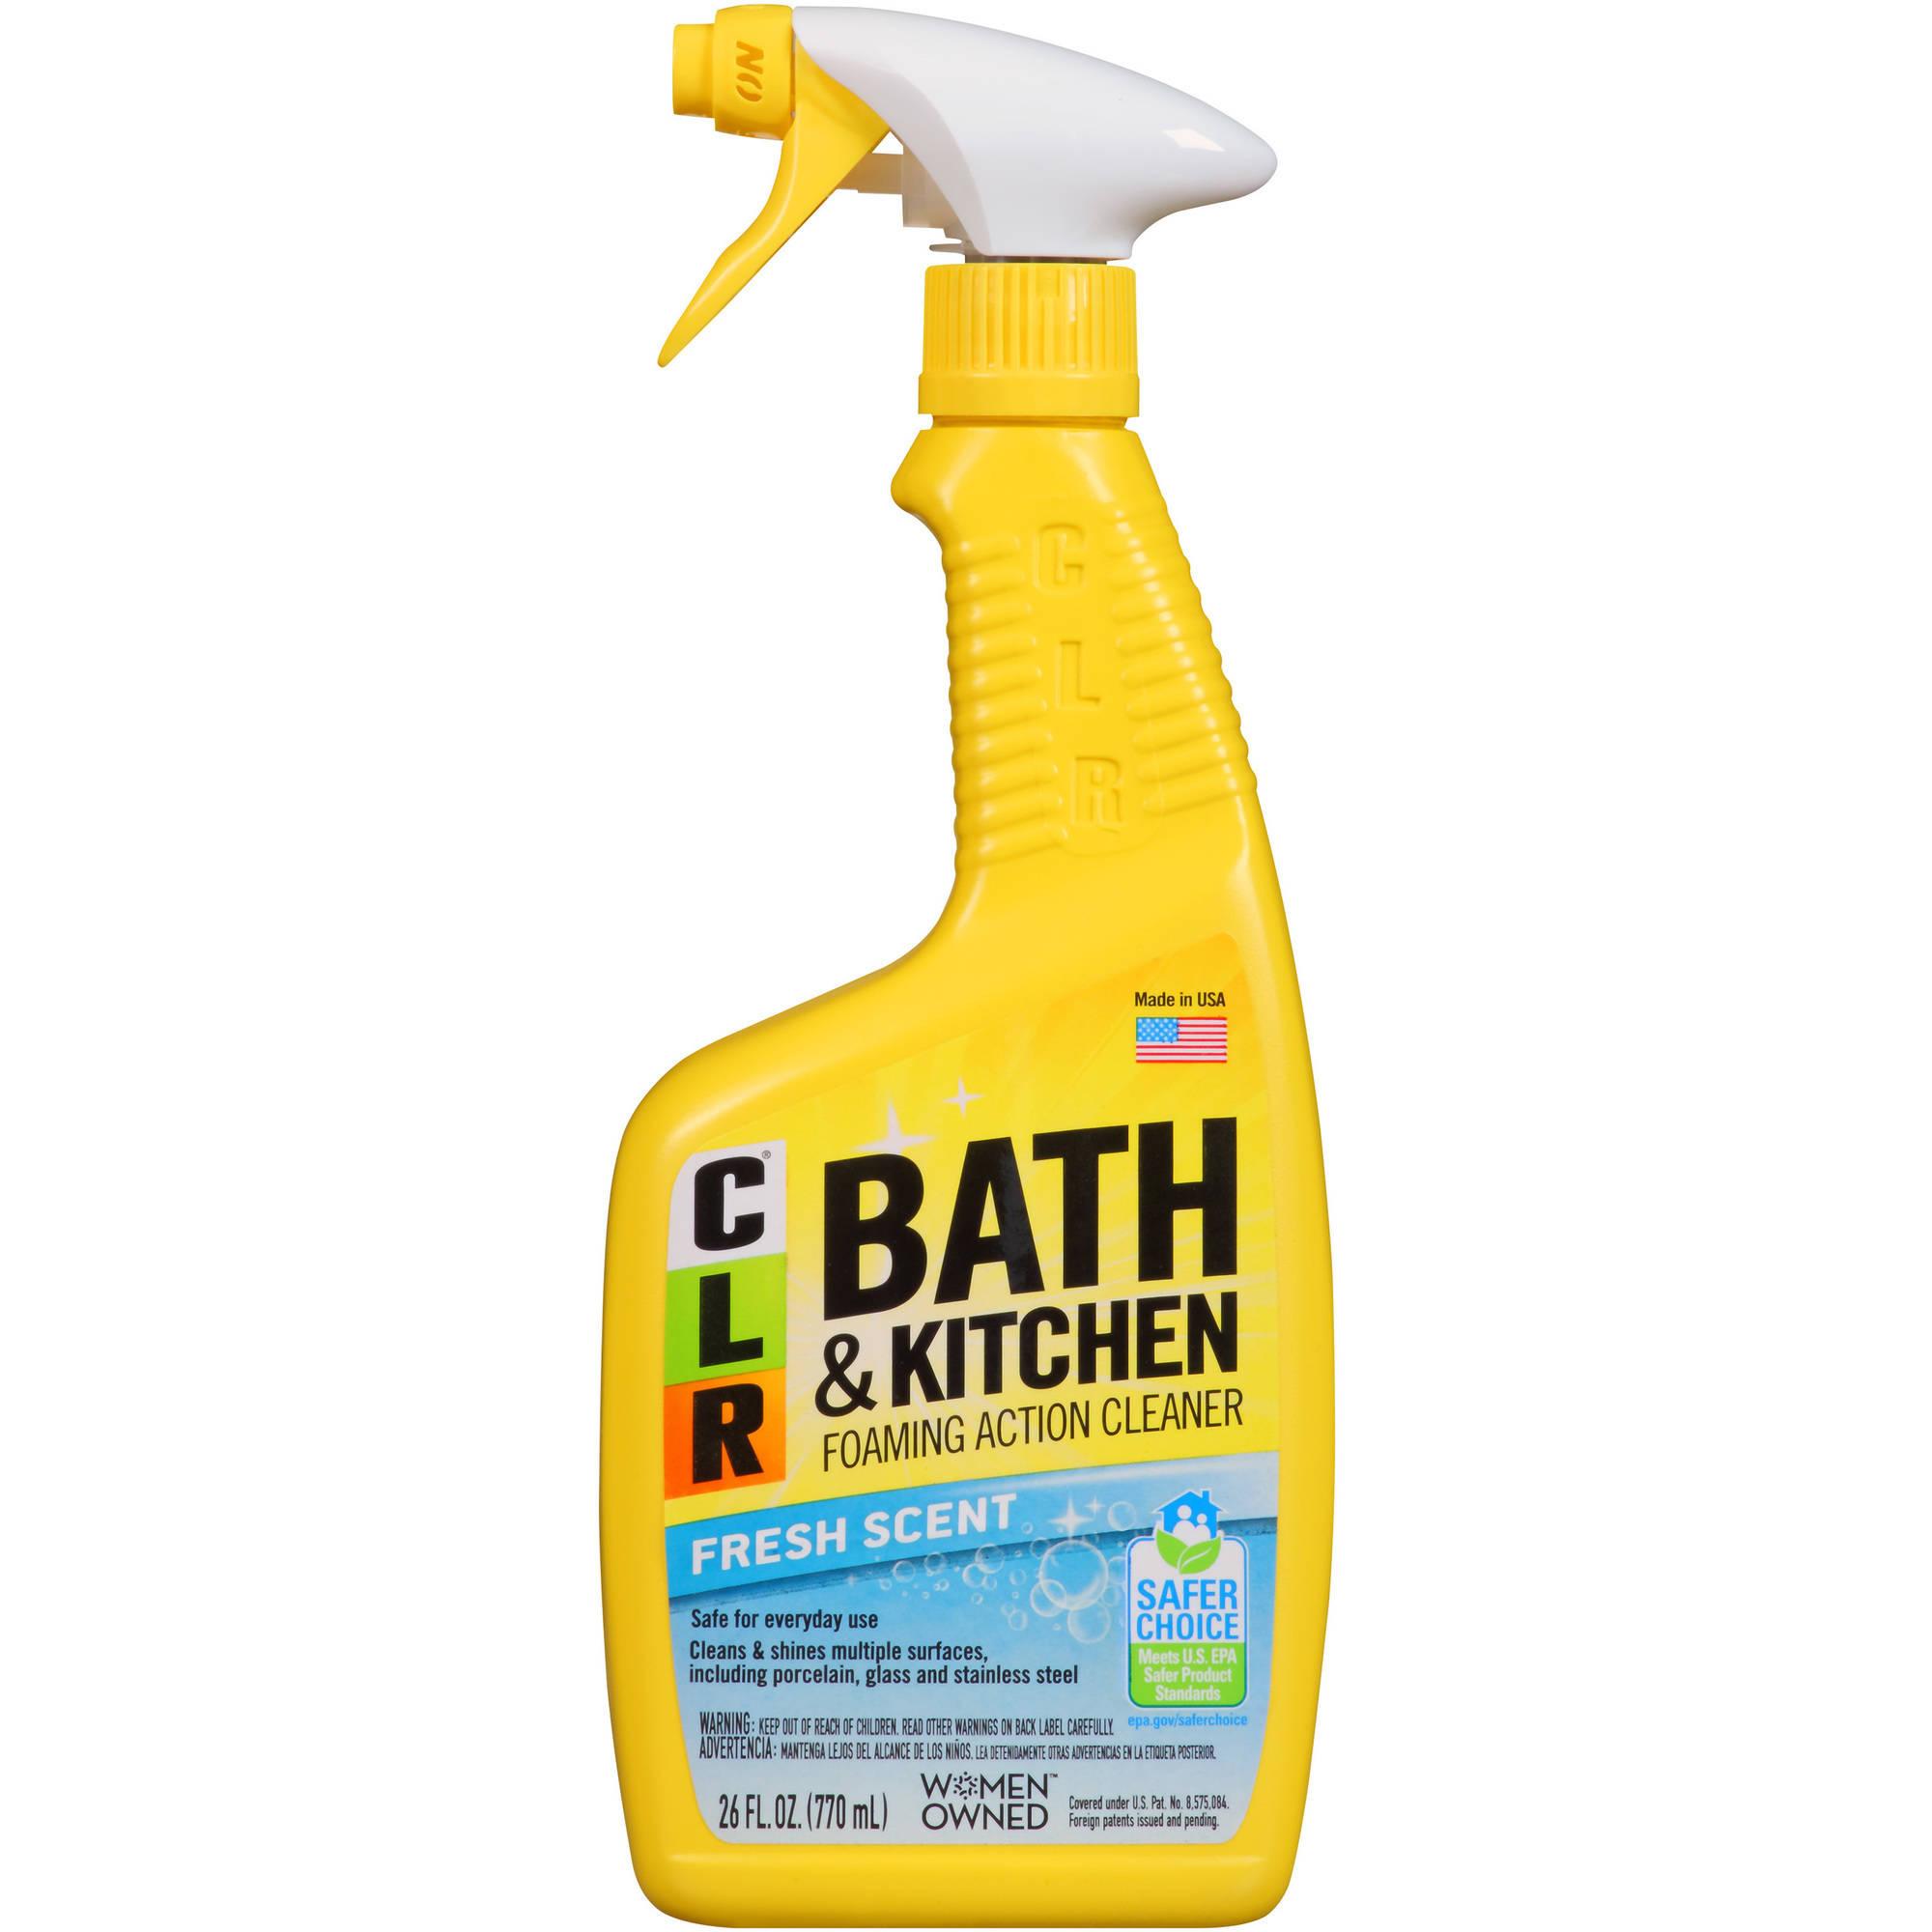 clr bath & kitchen cleaner, 26 fl oz, fresh scent spray - walmart